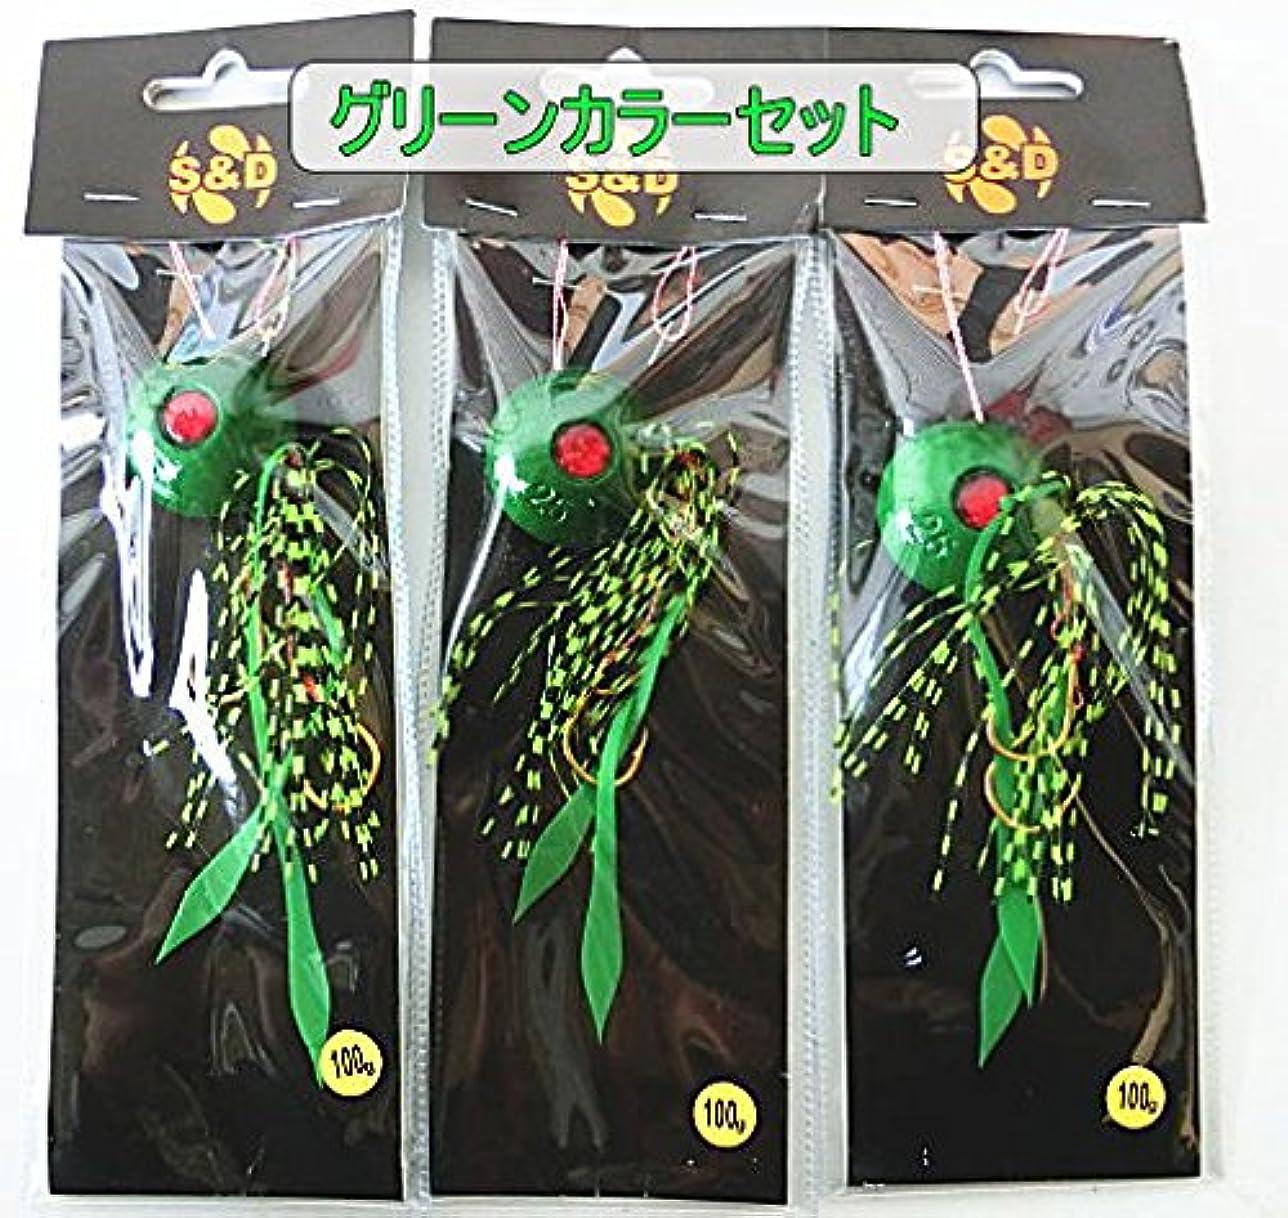 天才気づく嬉しいですタイラバ100g オールグリーン3個セット 鯛ラバセット タイラバセット